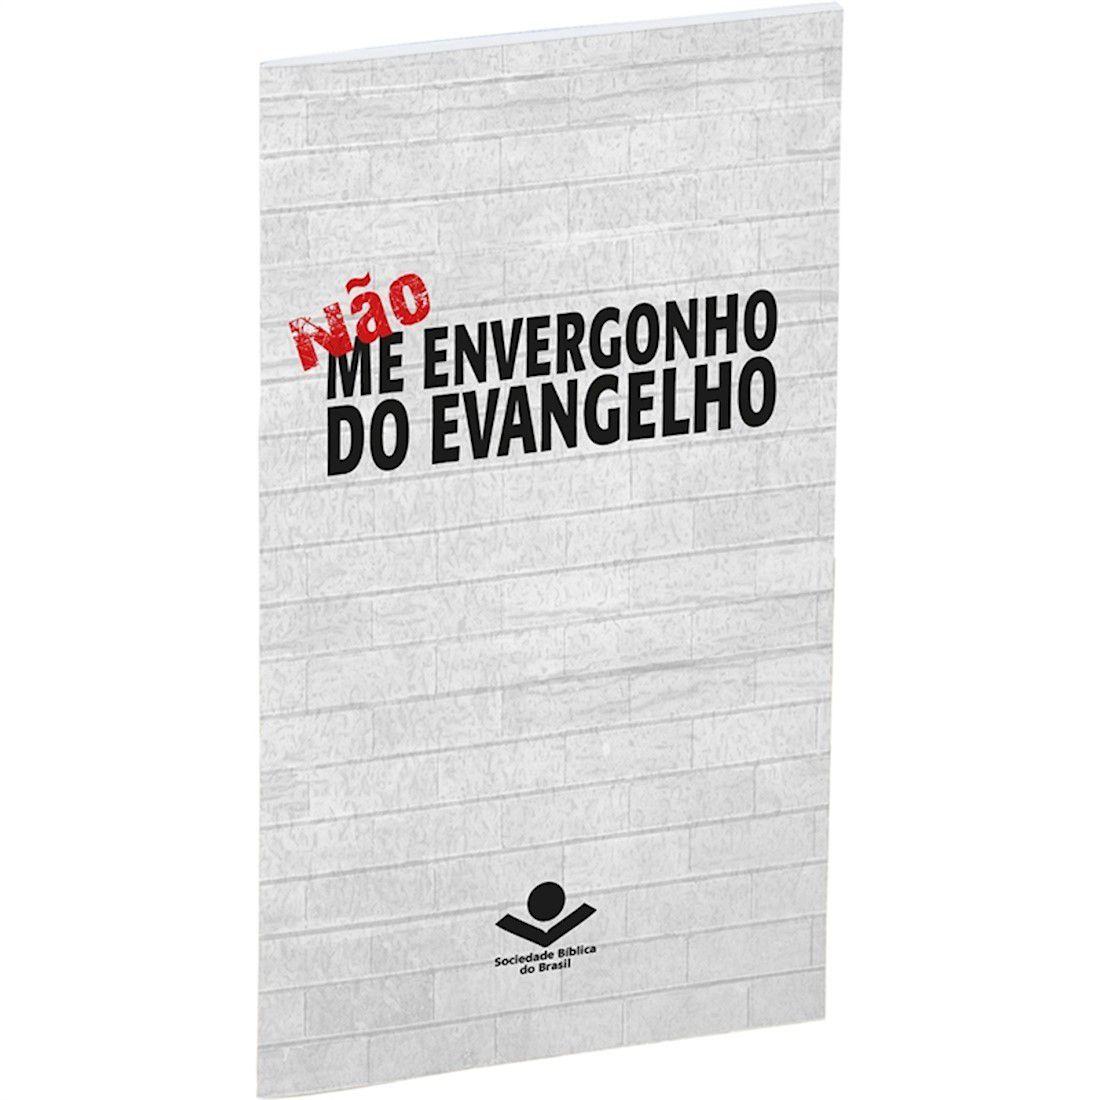 Livro Não Me Envergonho do Evangelho - Capa Brochura Ilustrada